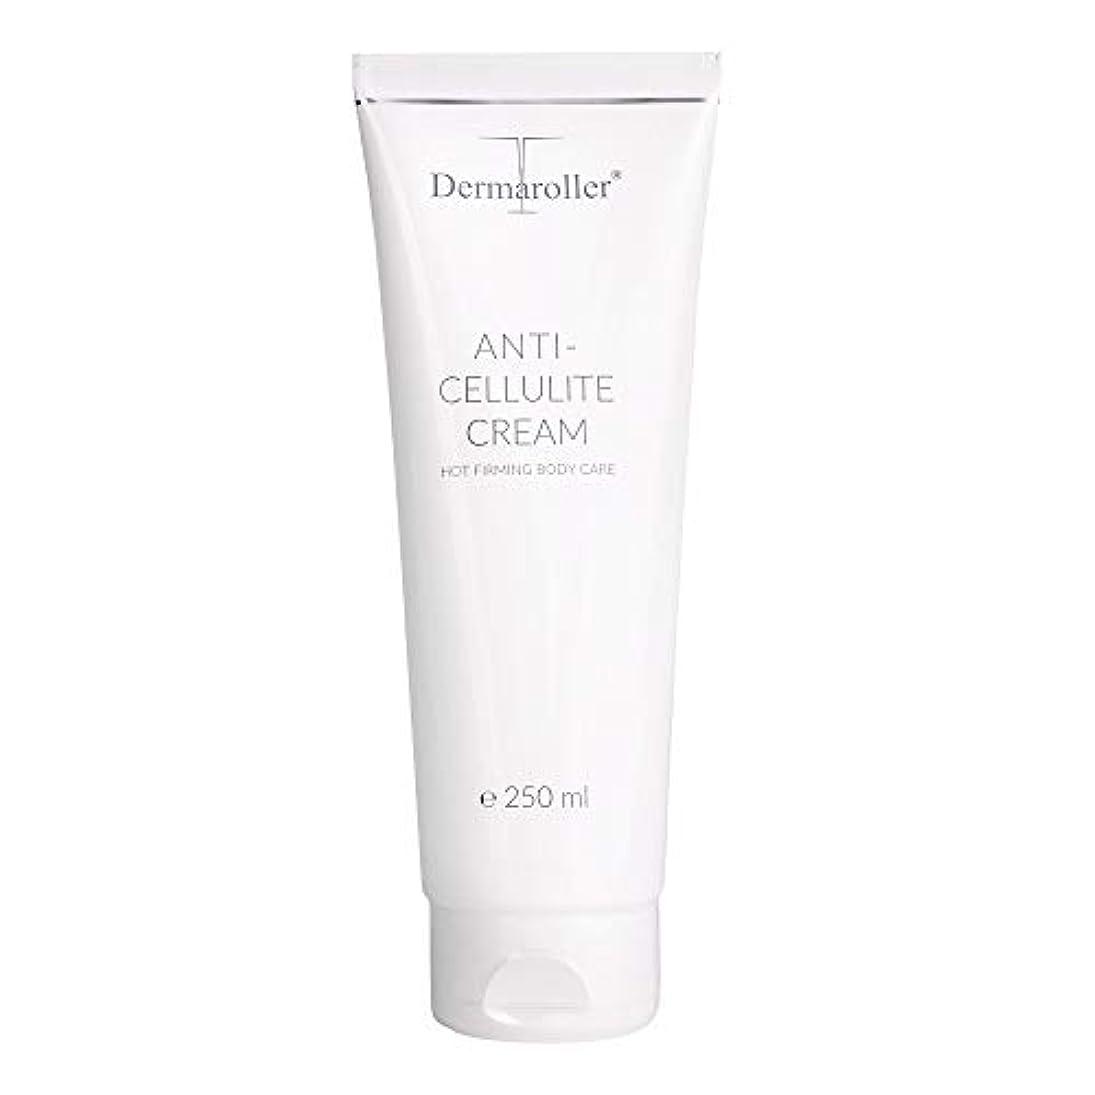 習熟度ジャベスウィルソンブラウンDermaroller アンチ セルライト クリーム 250ml [Dermaroller]Anti-Cellulite Cream